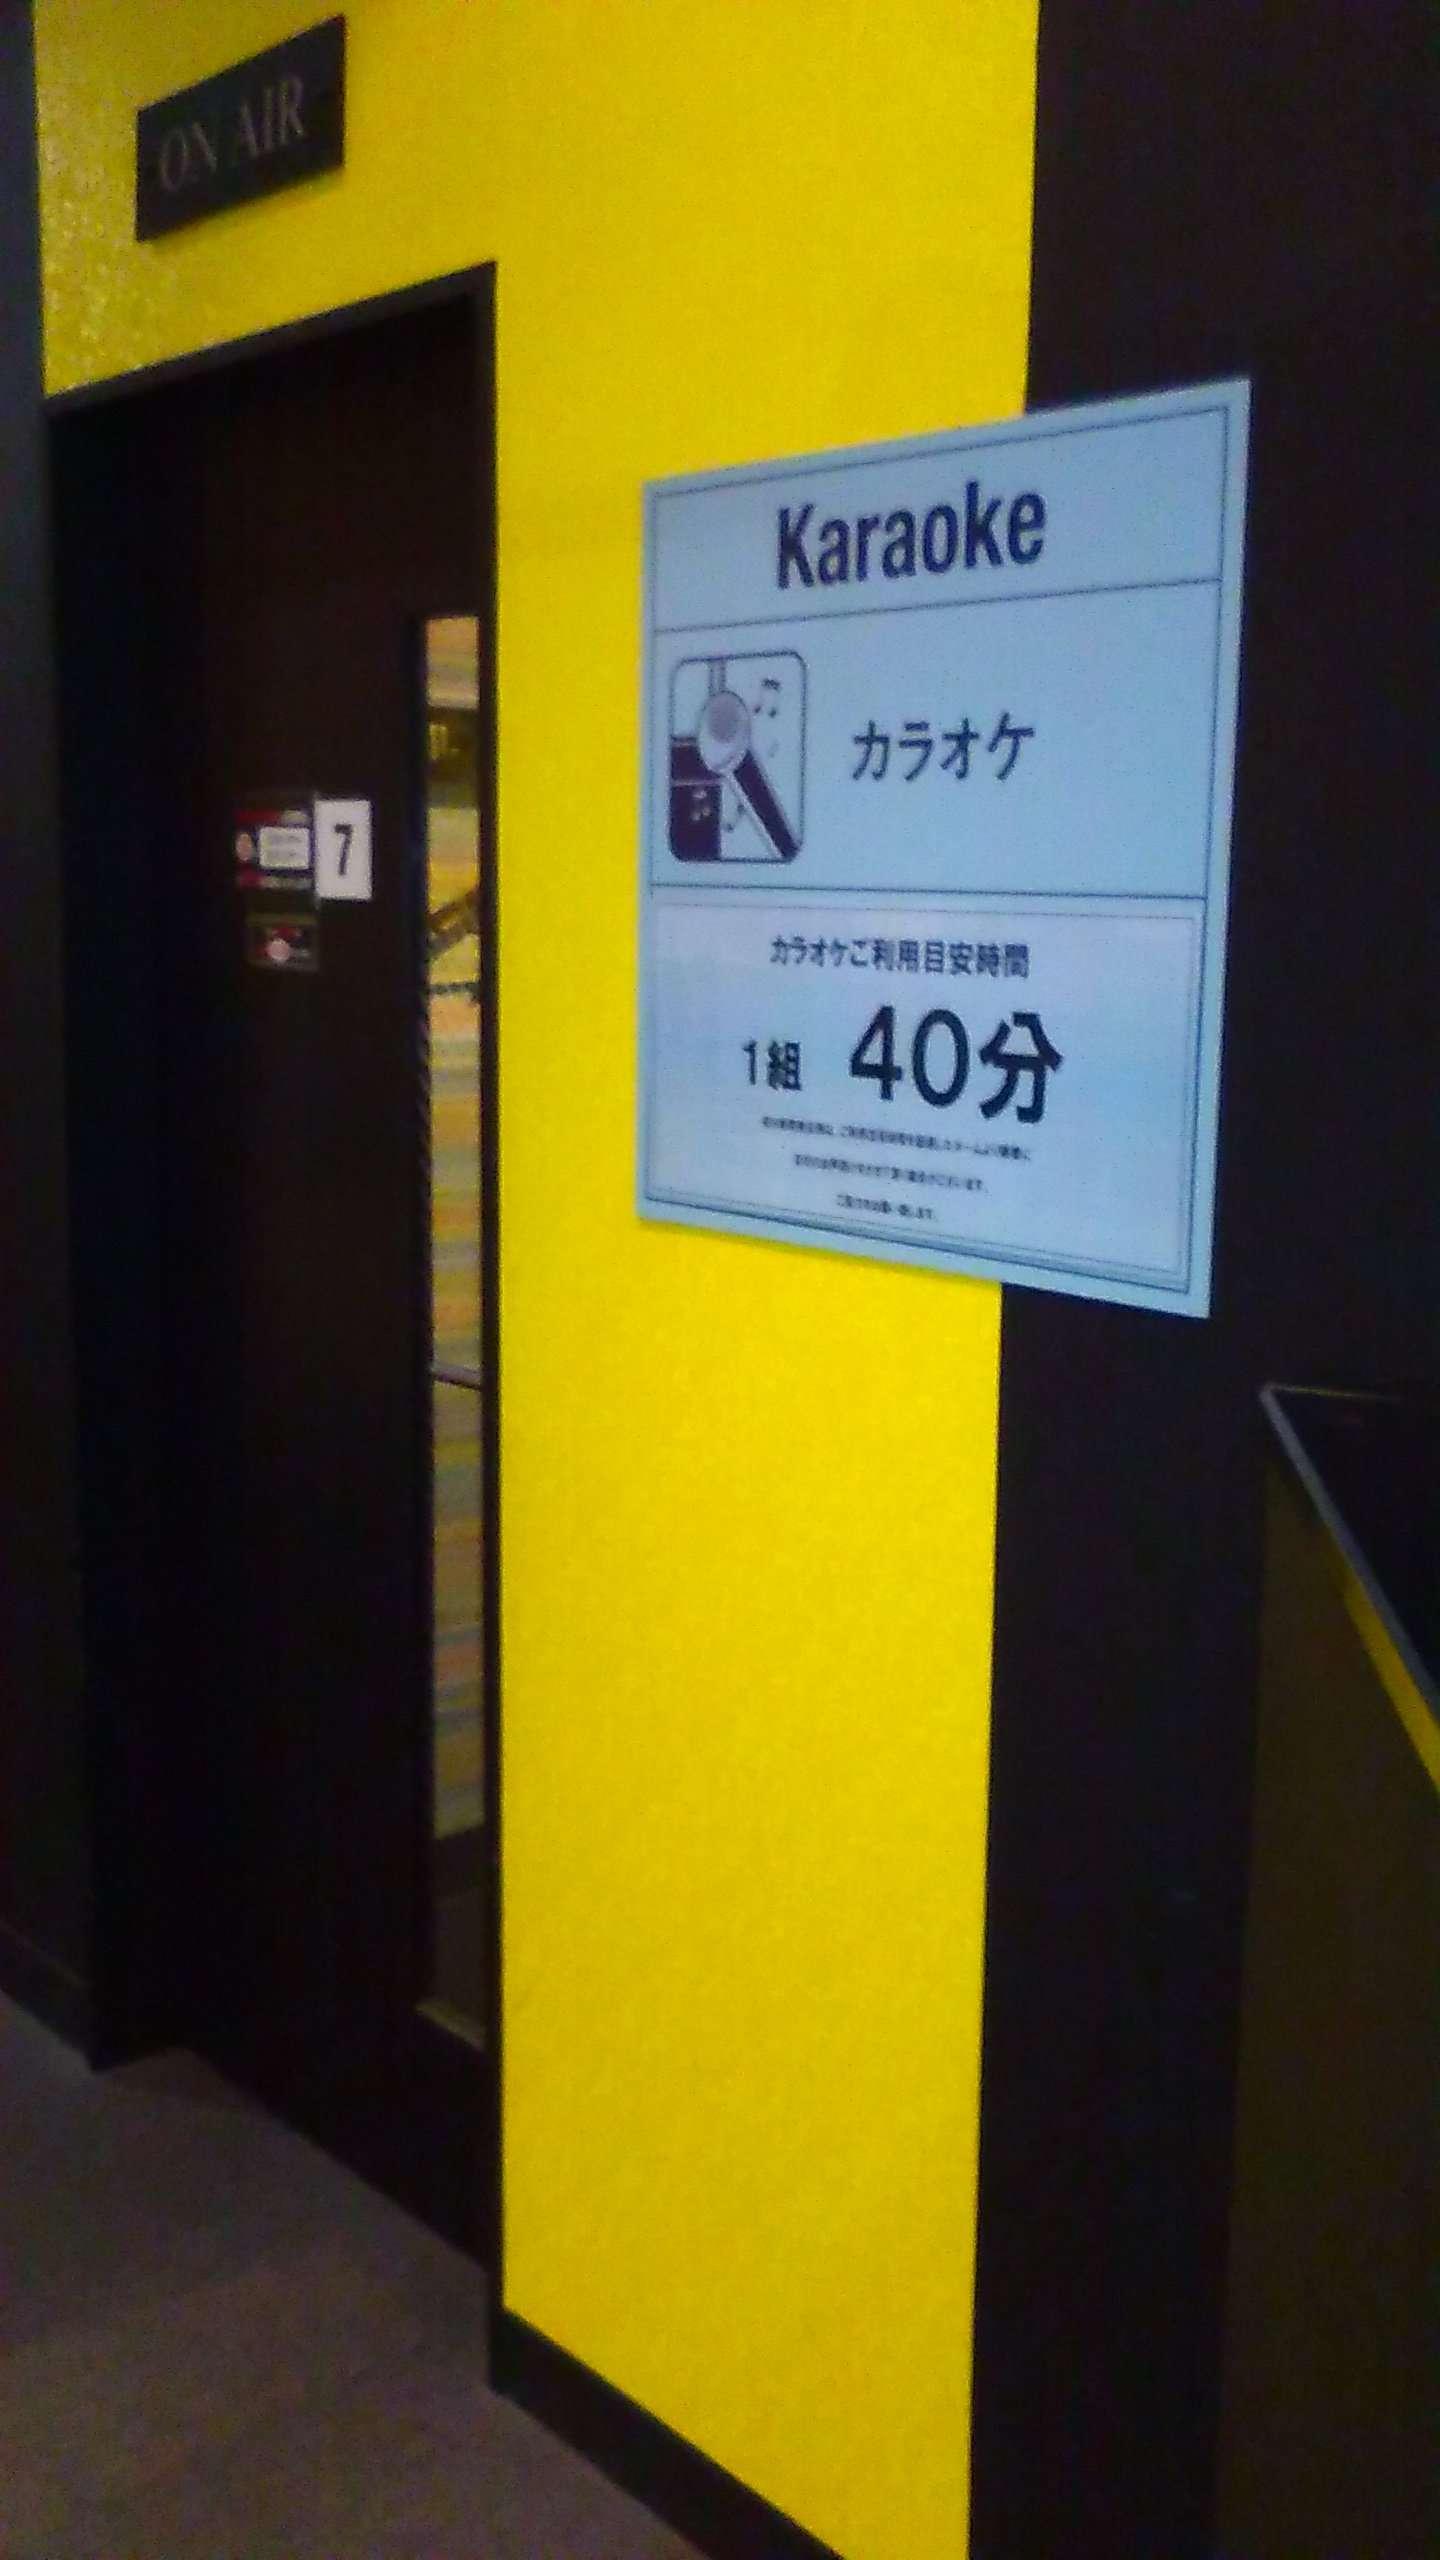 Karaoke at spocha